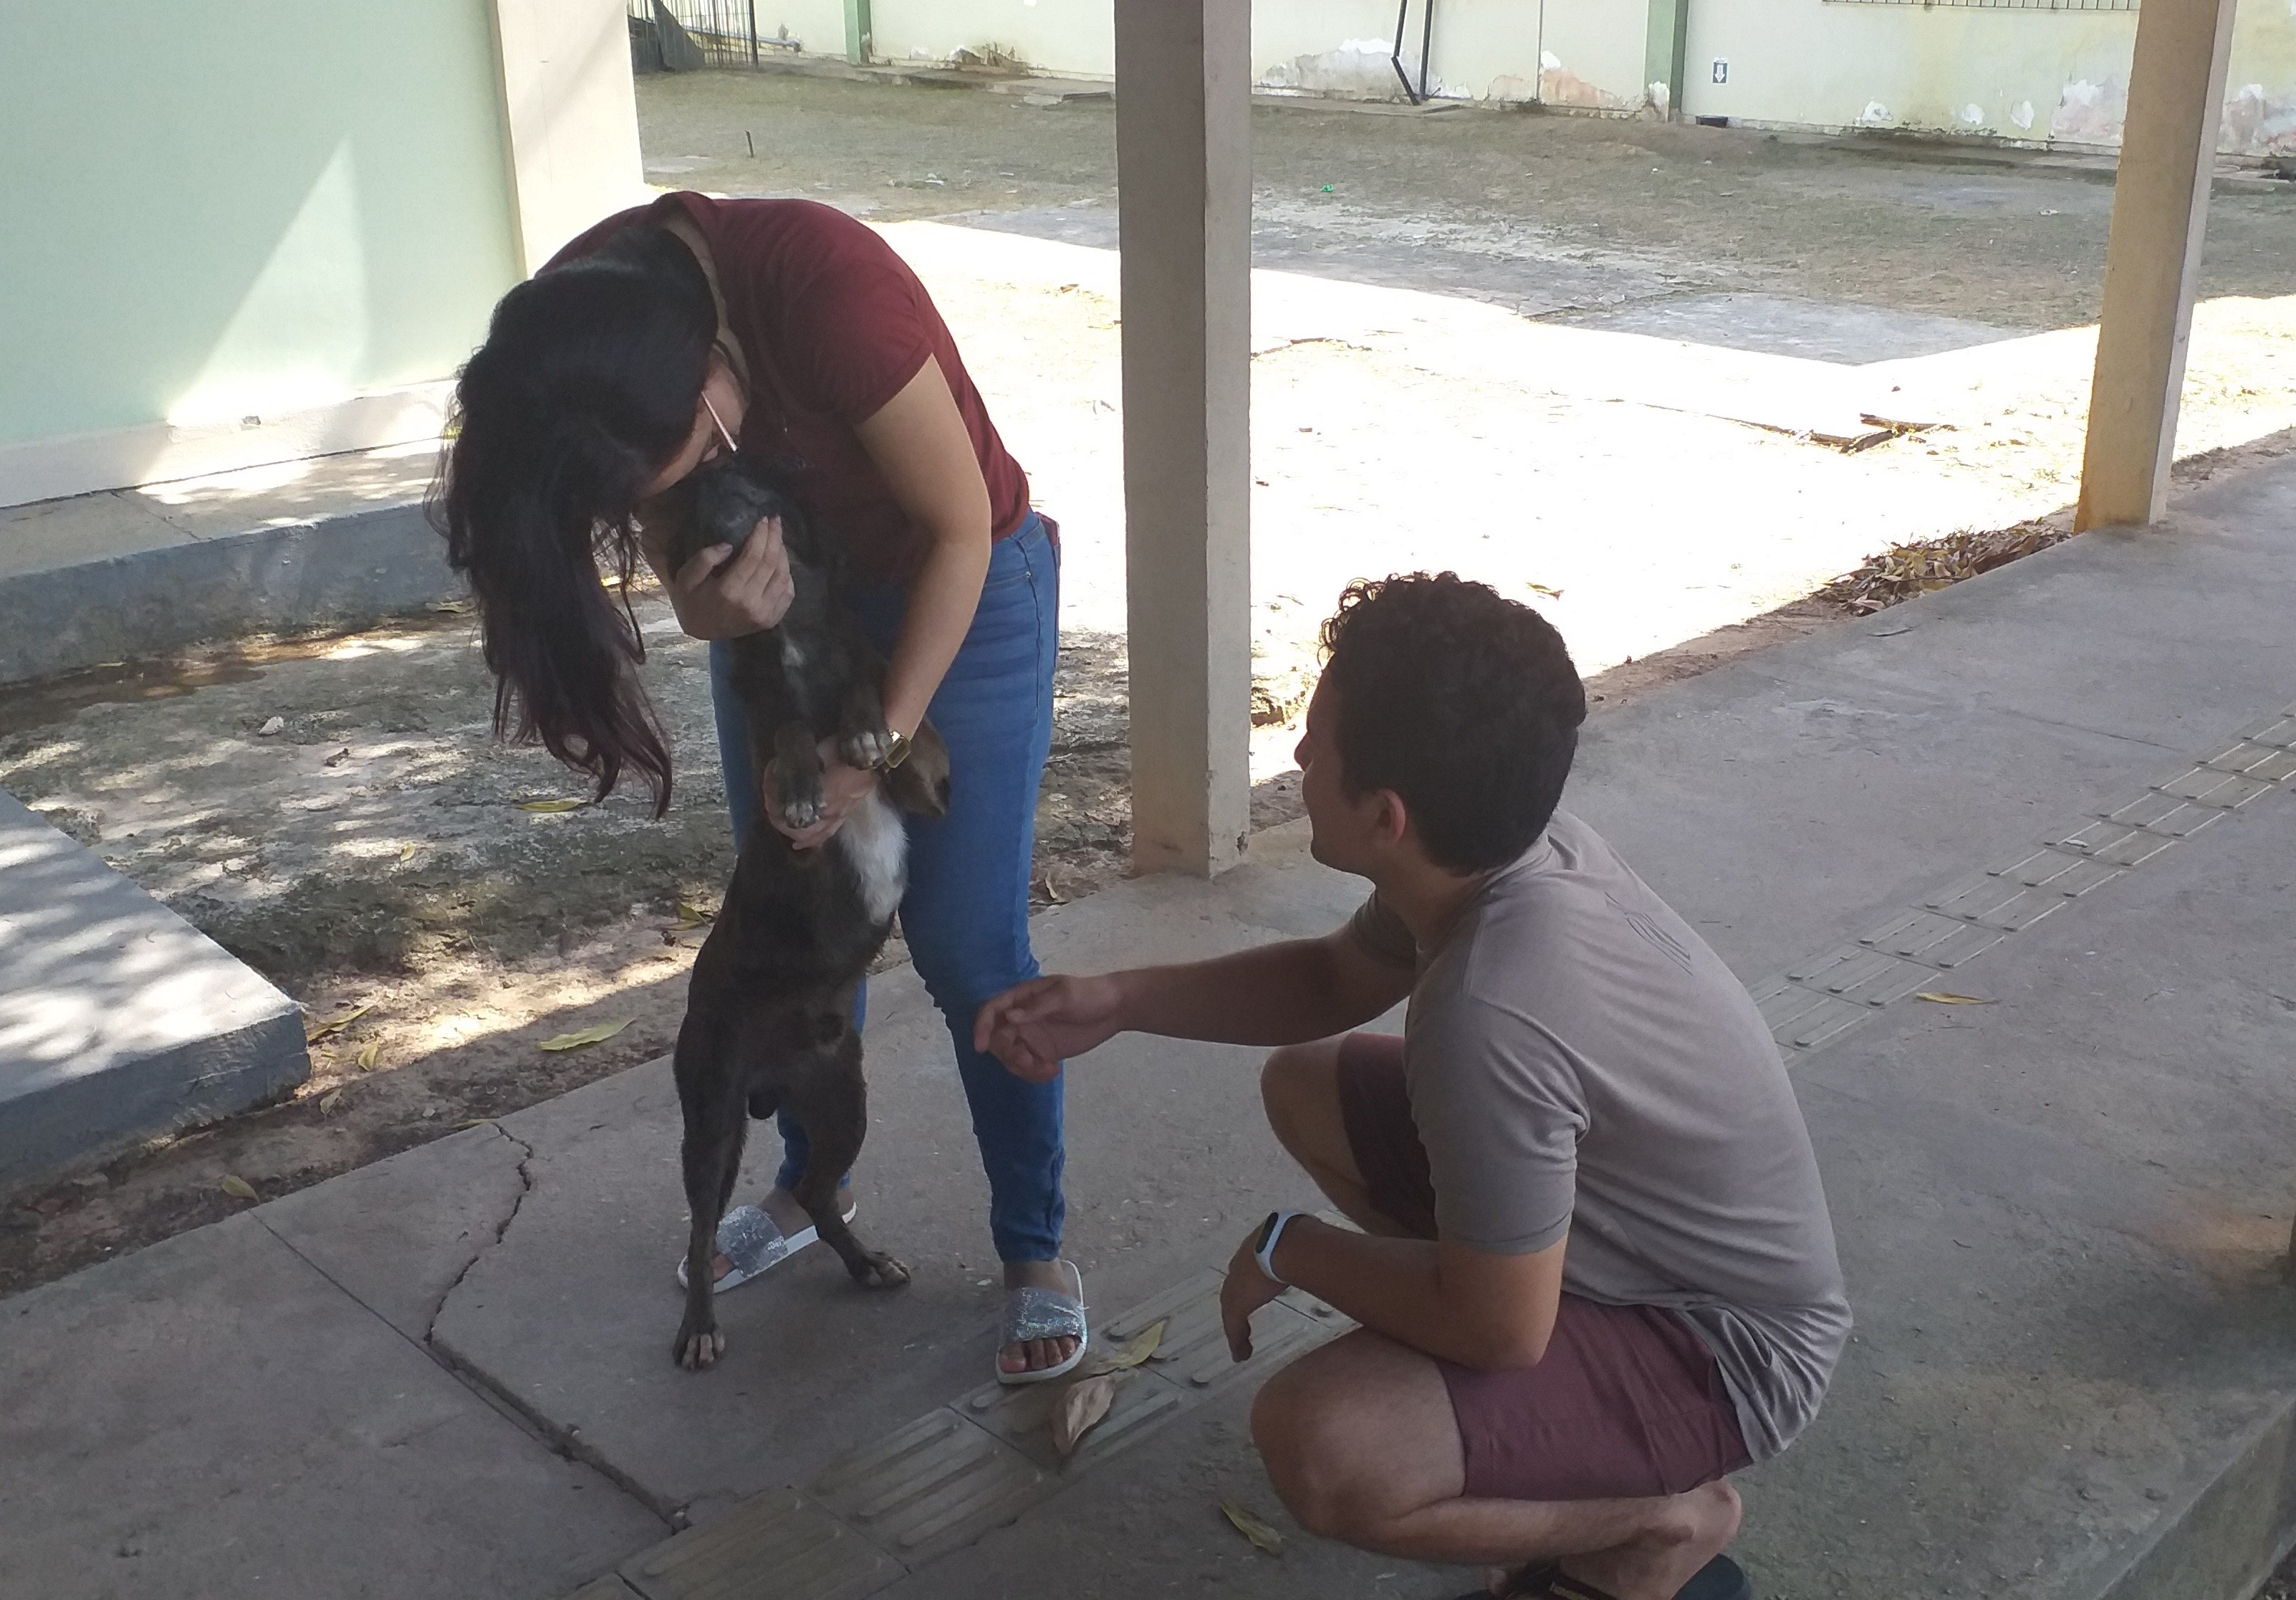 Universitários do AP fazem campanha para tratar câncer em cão 'morador' de campus - Notícias - Plantão Diário